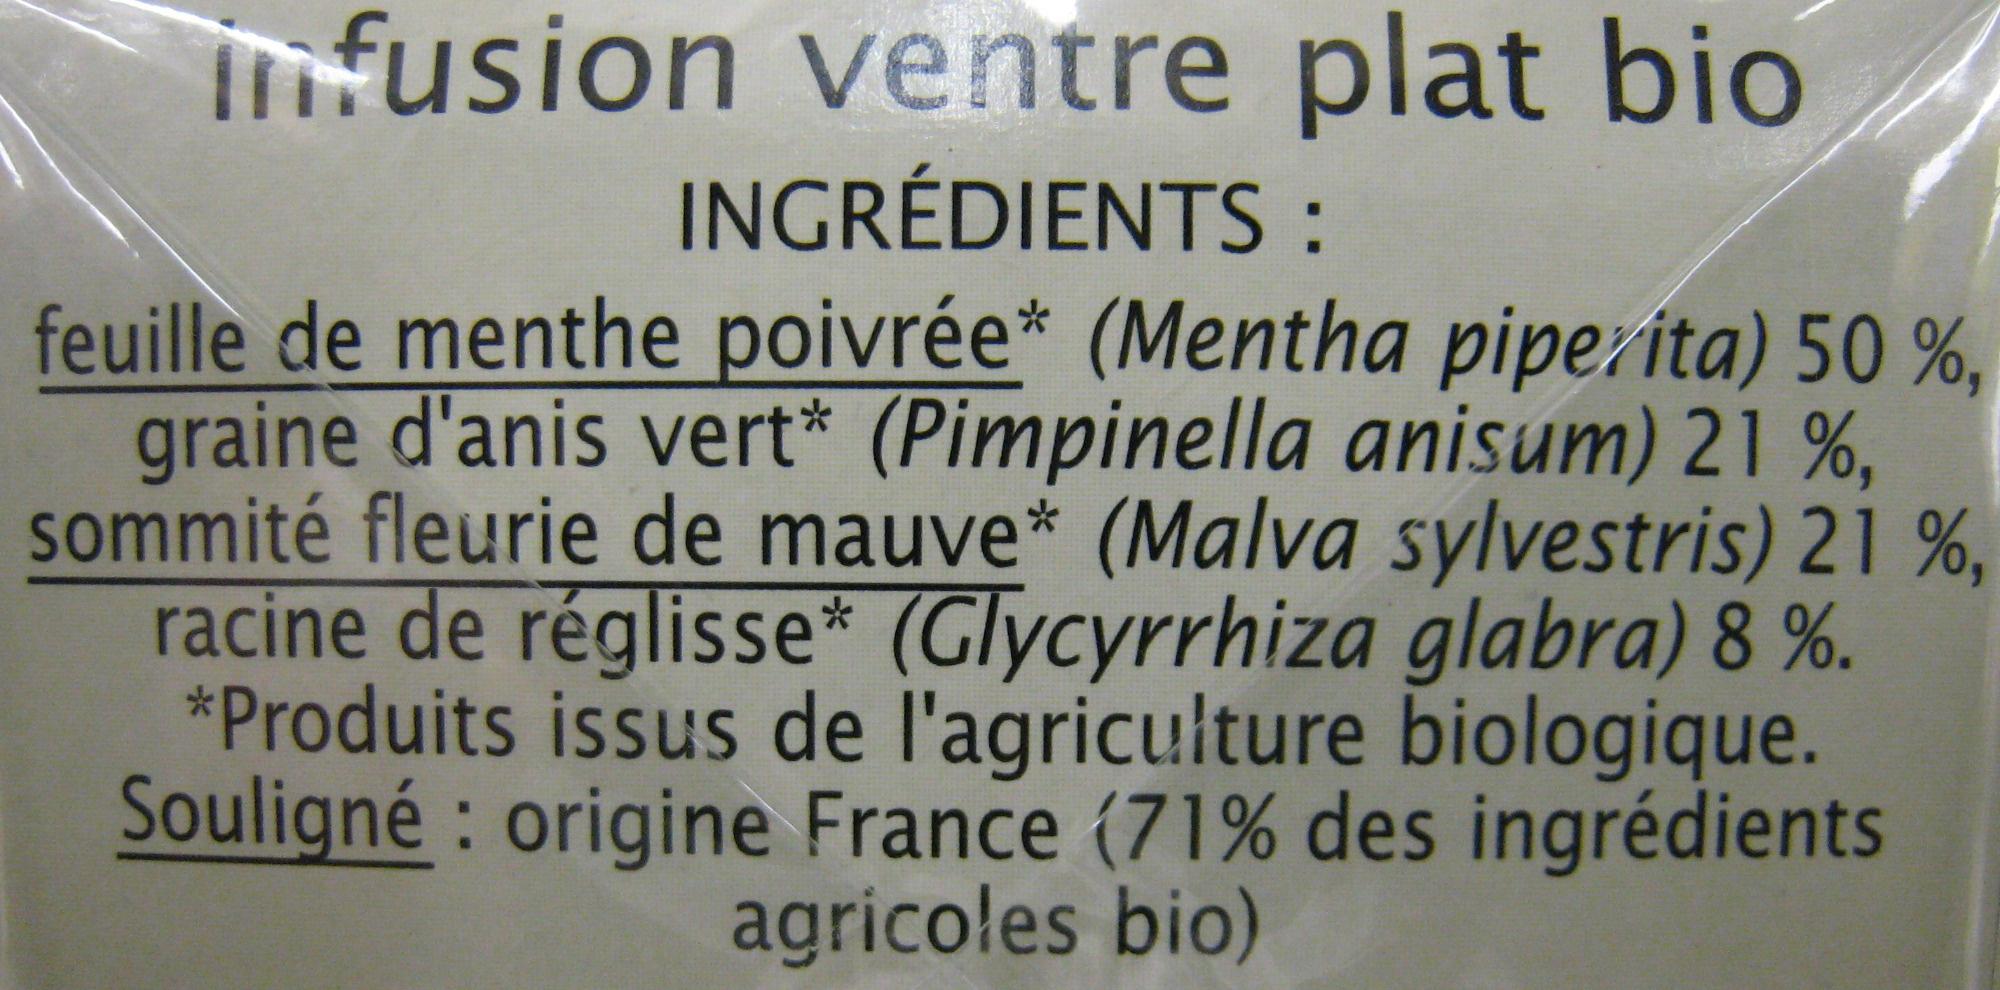 Infusion Ventre plat Jardin Bio - Ingrédients